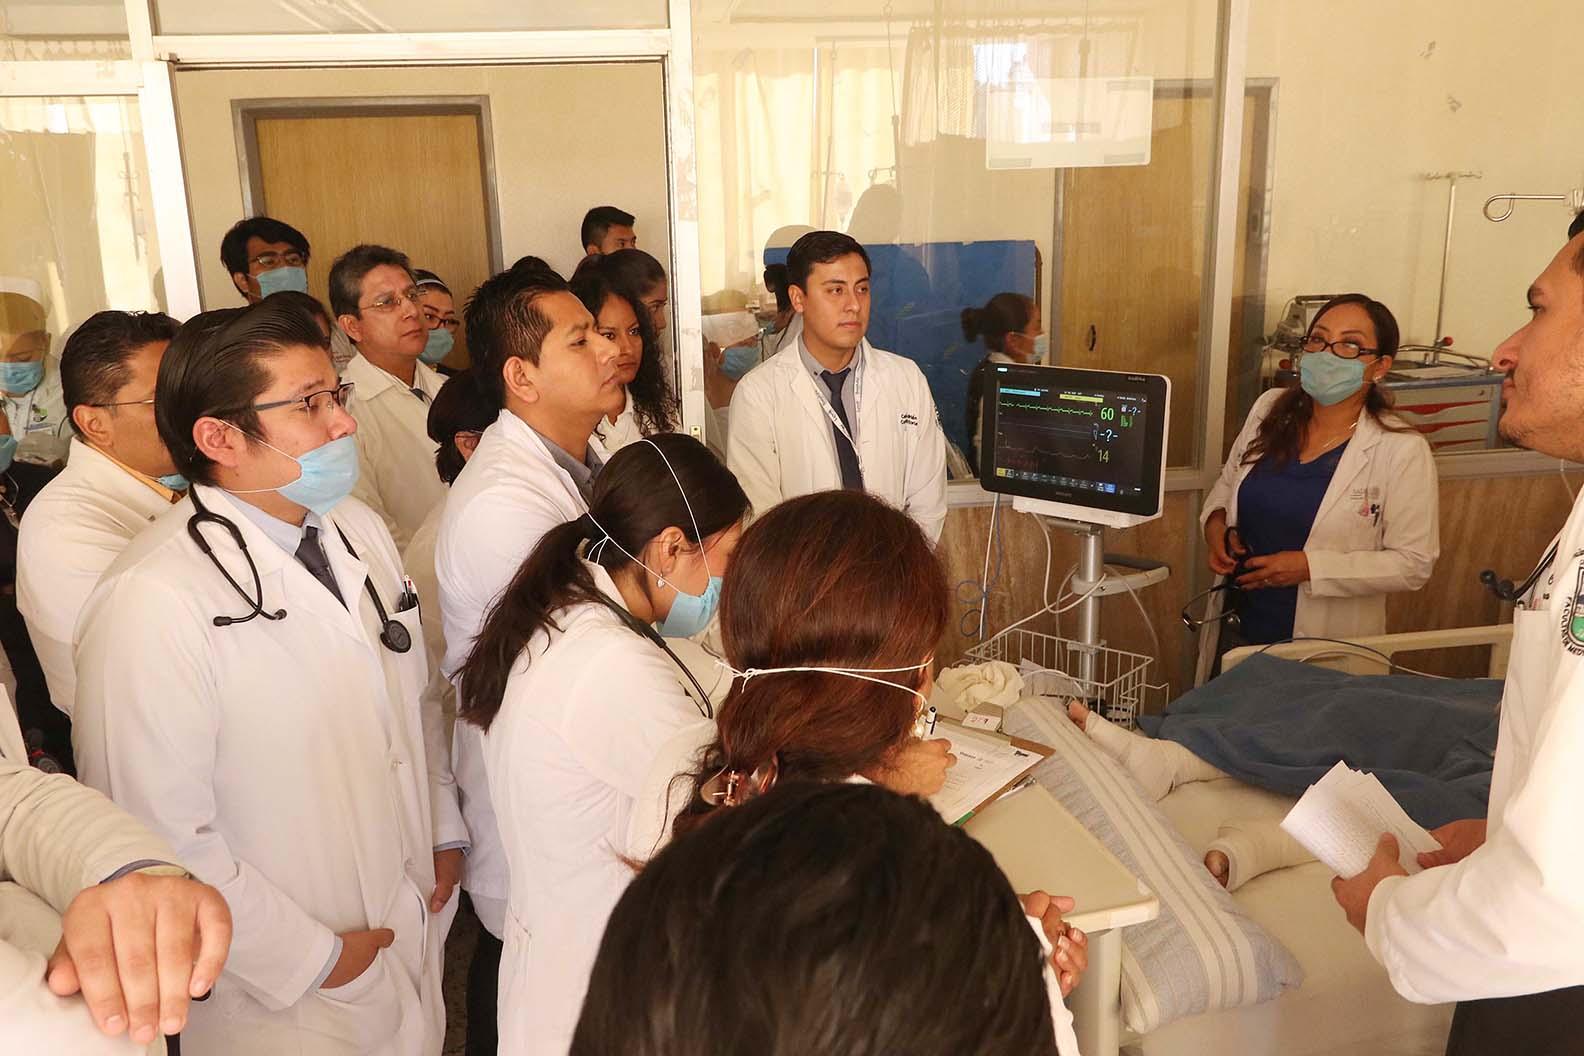 Facultad de Medicina clases 2